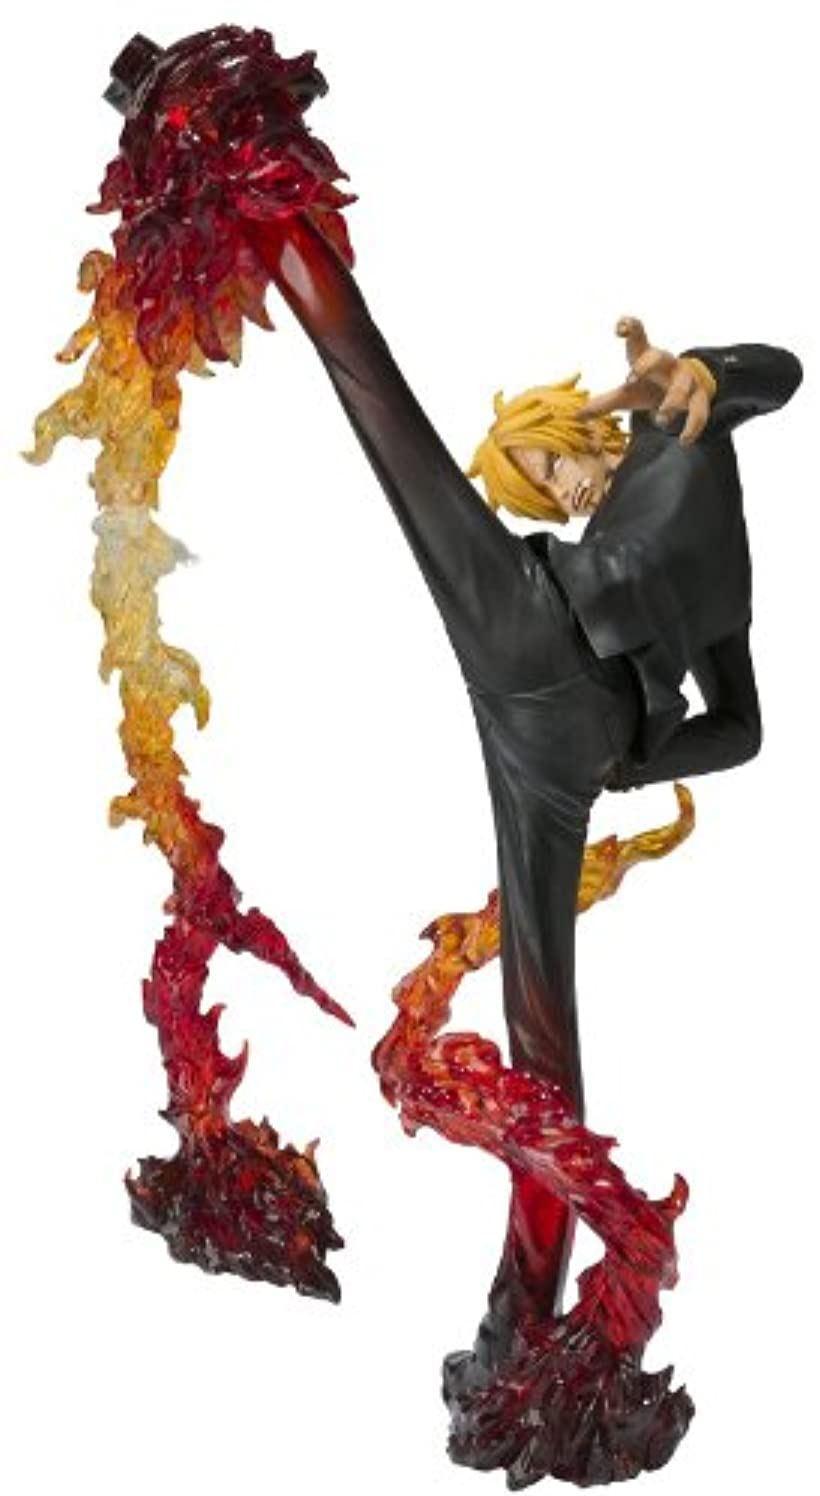 フィギュアーツZERO サンジ-Battle Ver.悪魔風脚 画竜点睛ショット- ディアブルジャンブ フランバージュショット [BAN84053] [バンダイ(BANDAI)]